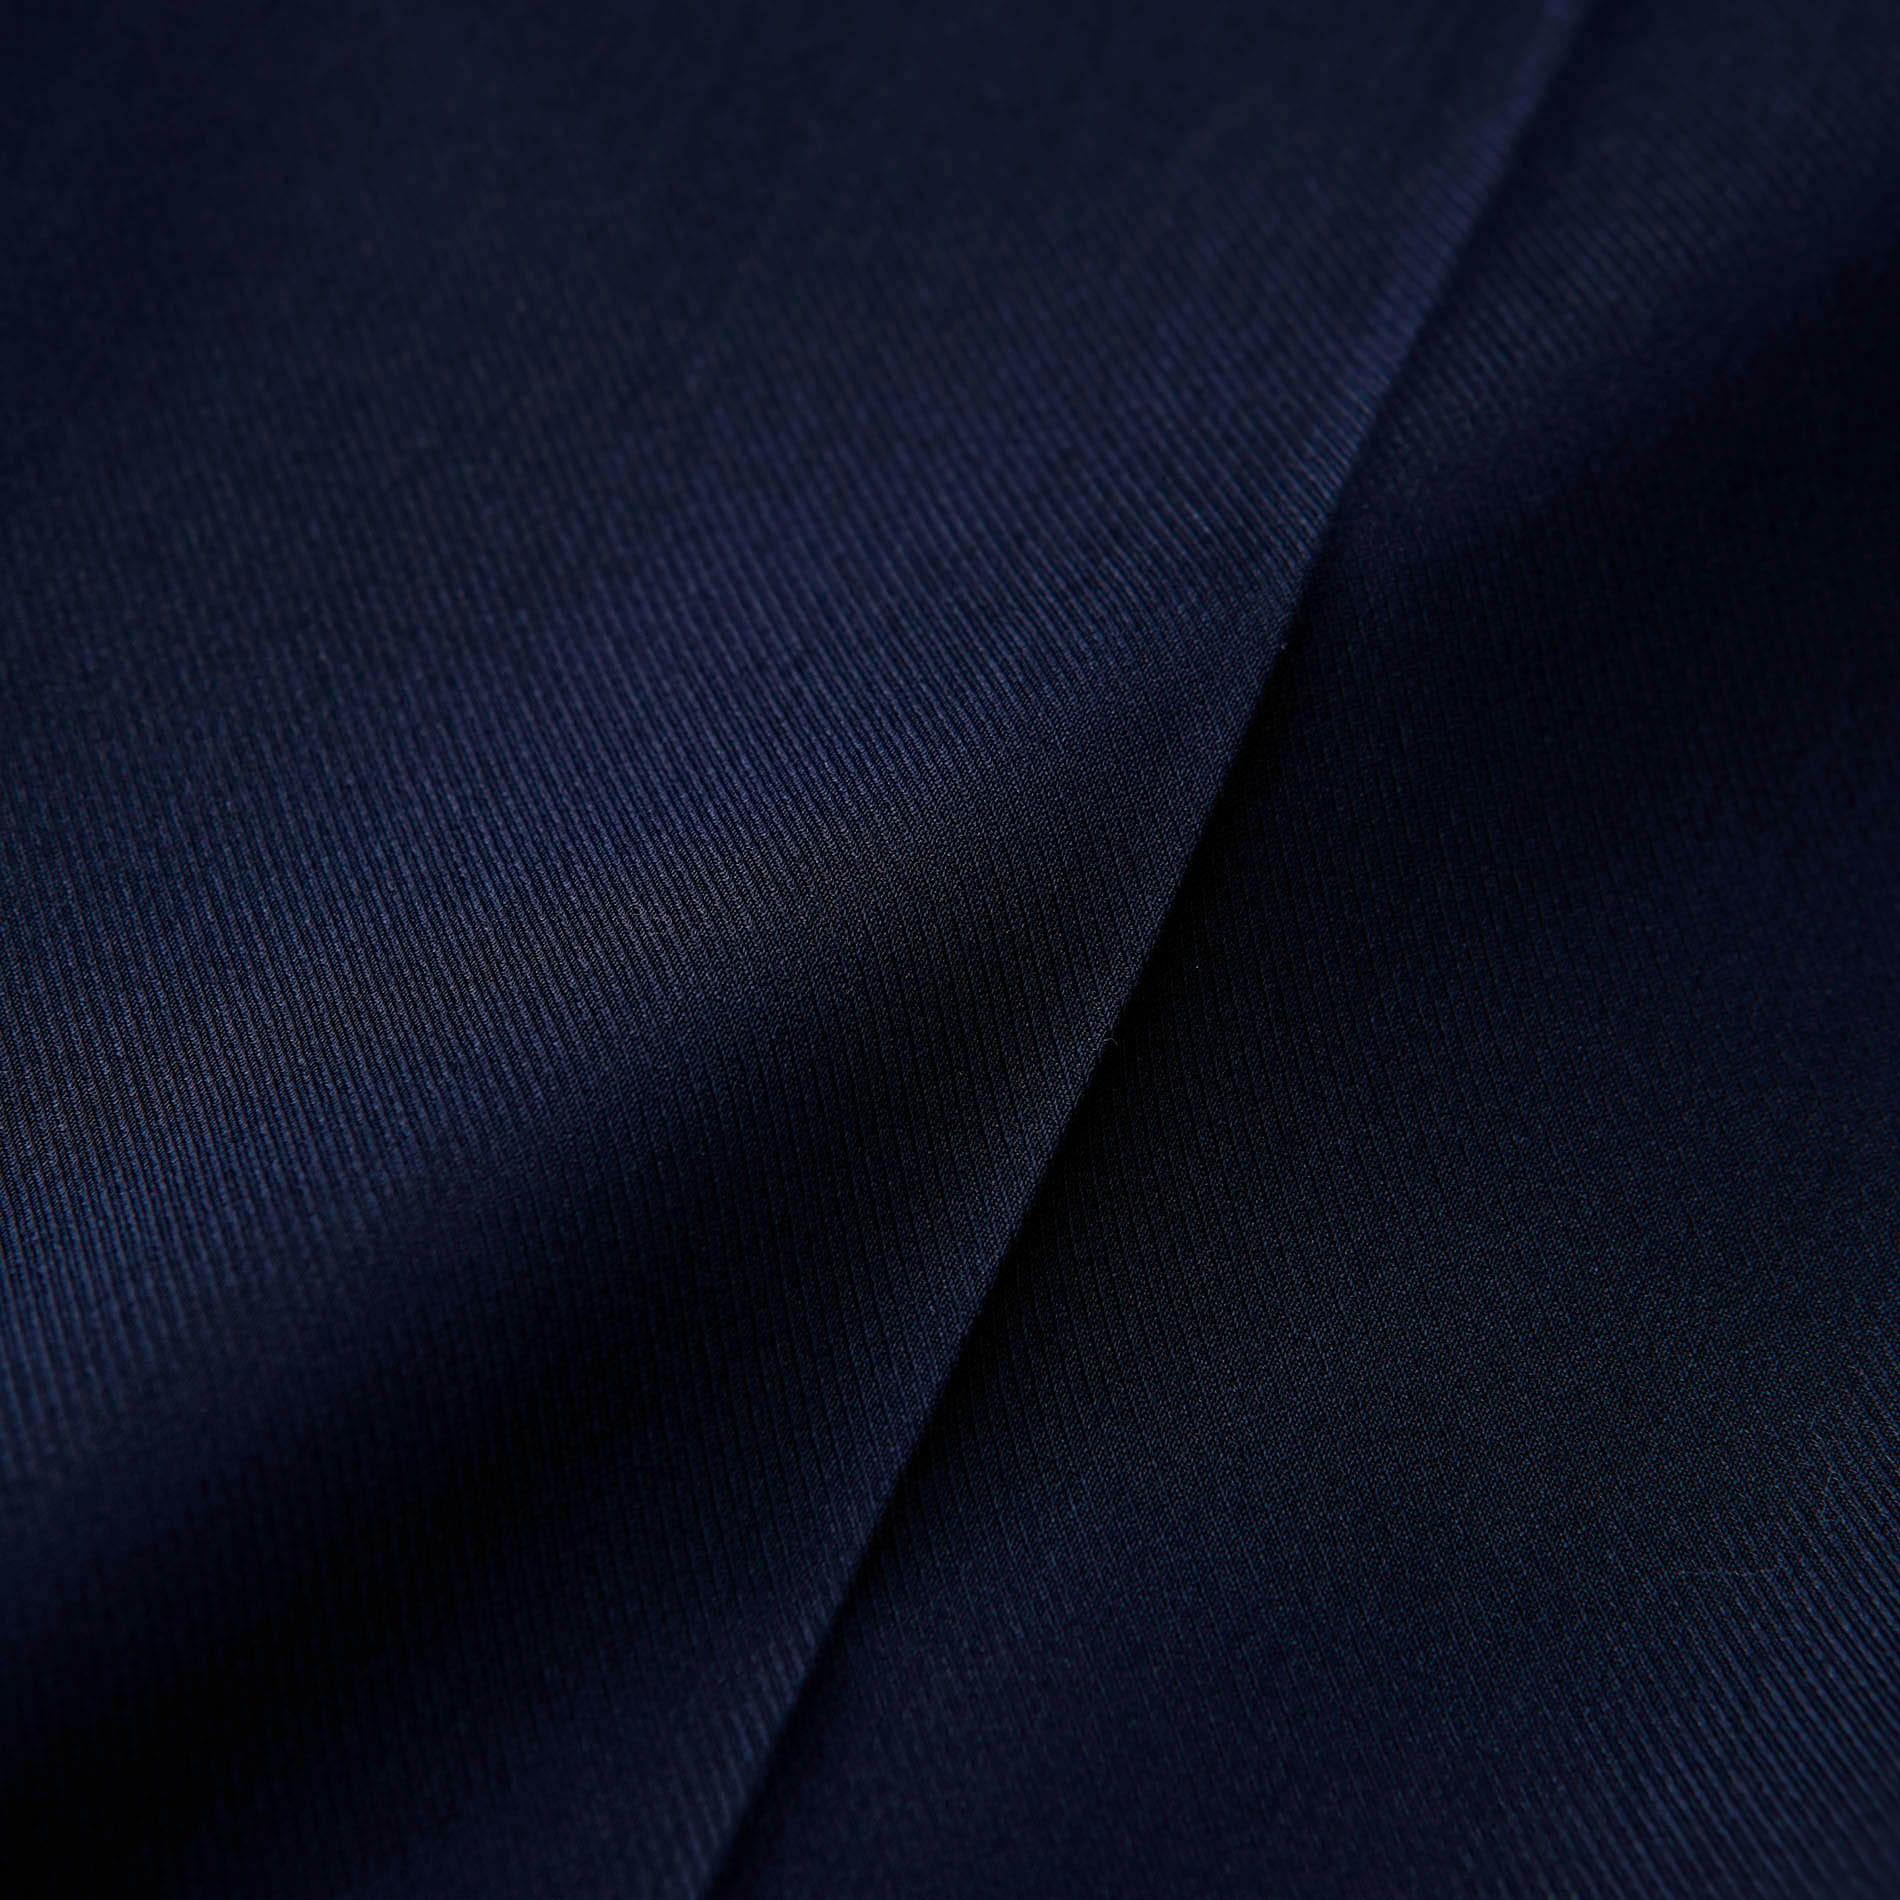 【予約販売】ネイビーサイド スリット スリム パンツ